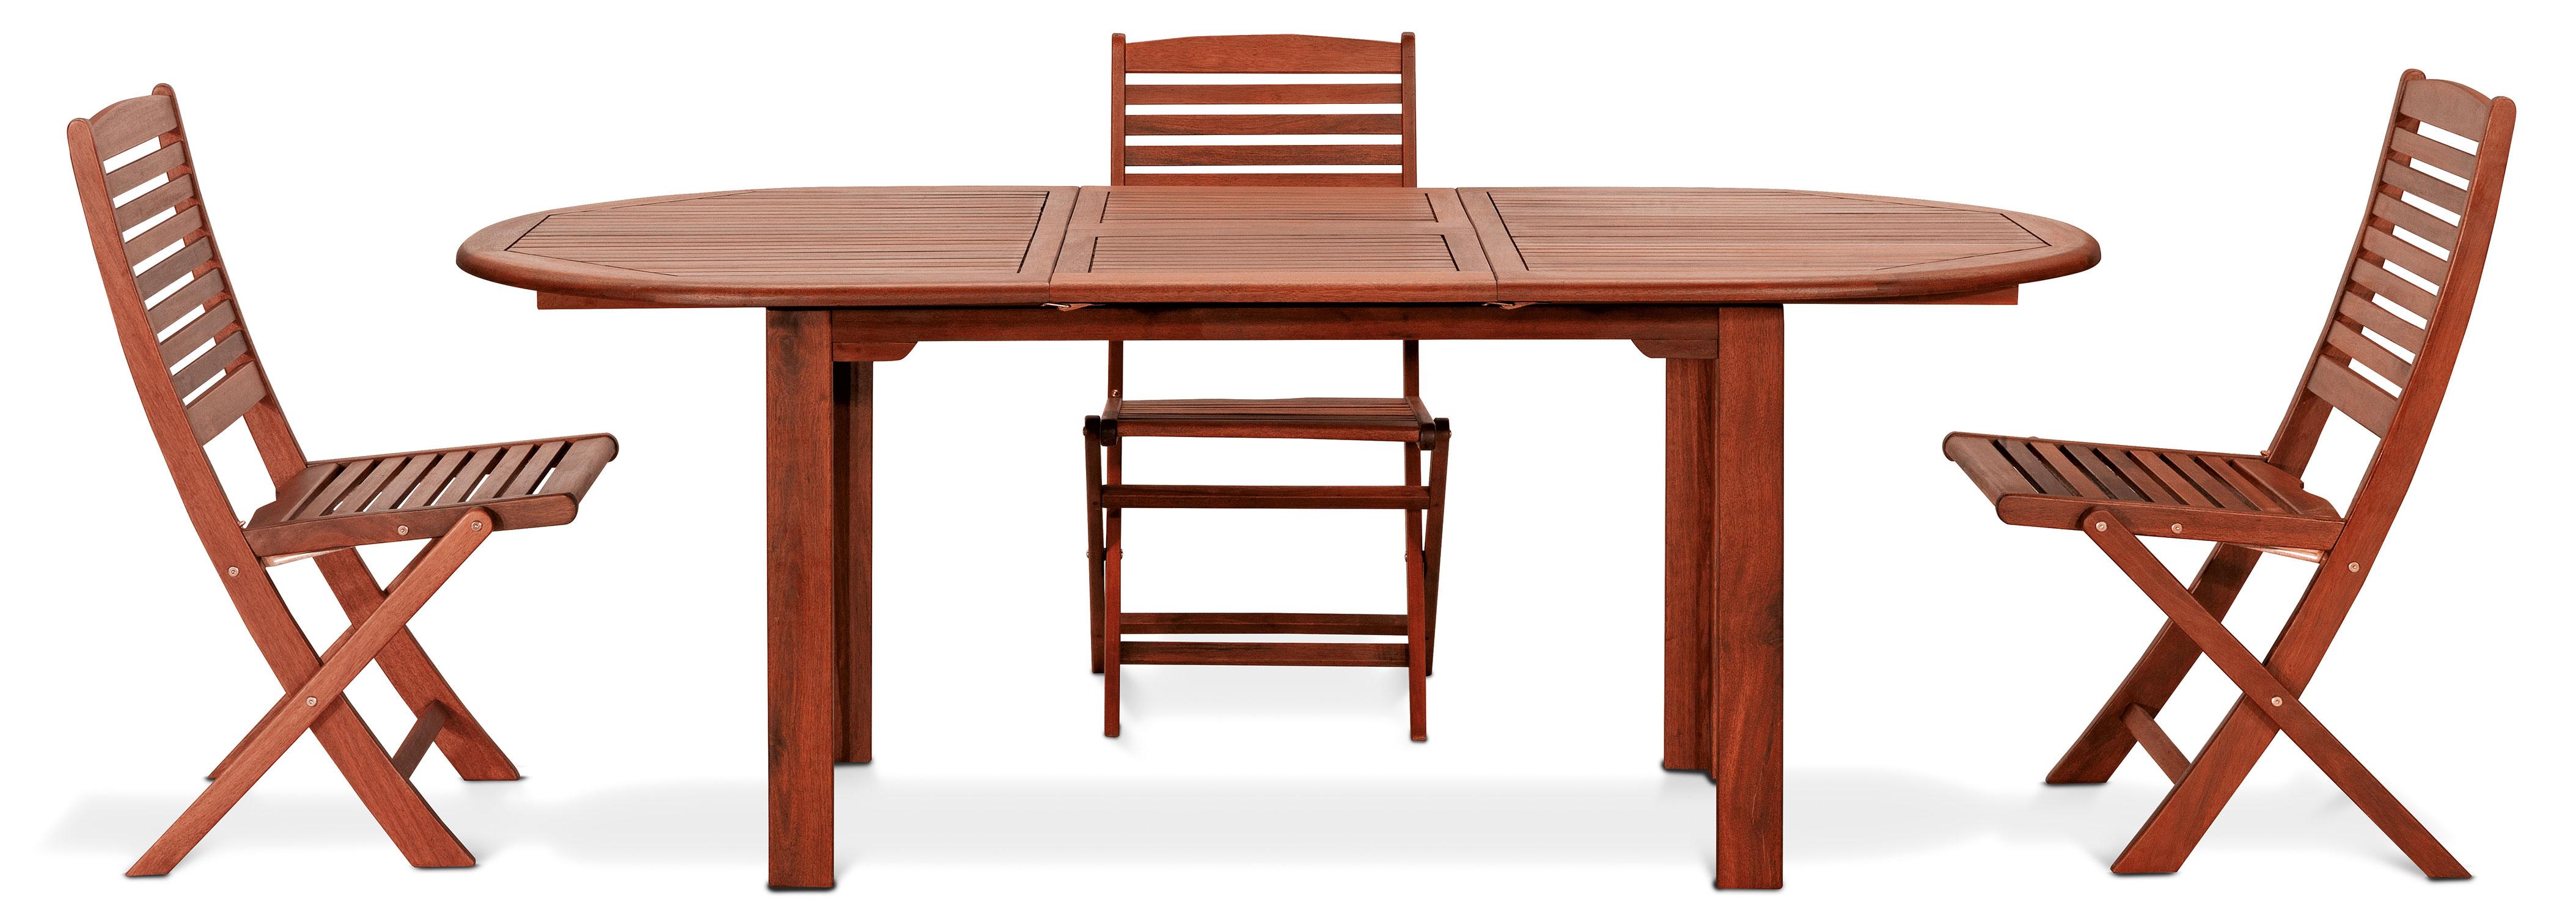 Tavolo in legno keruing PEONIA, ovale e allungabile